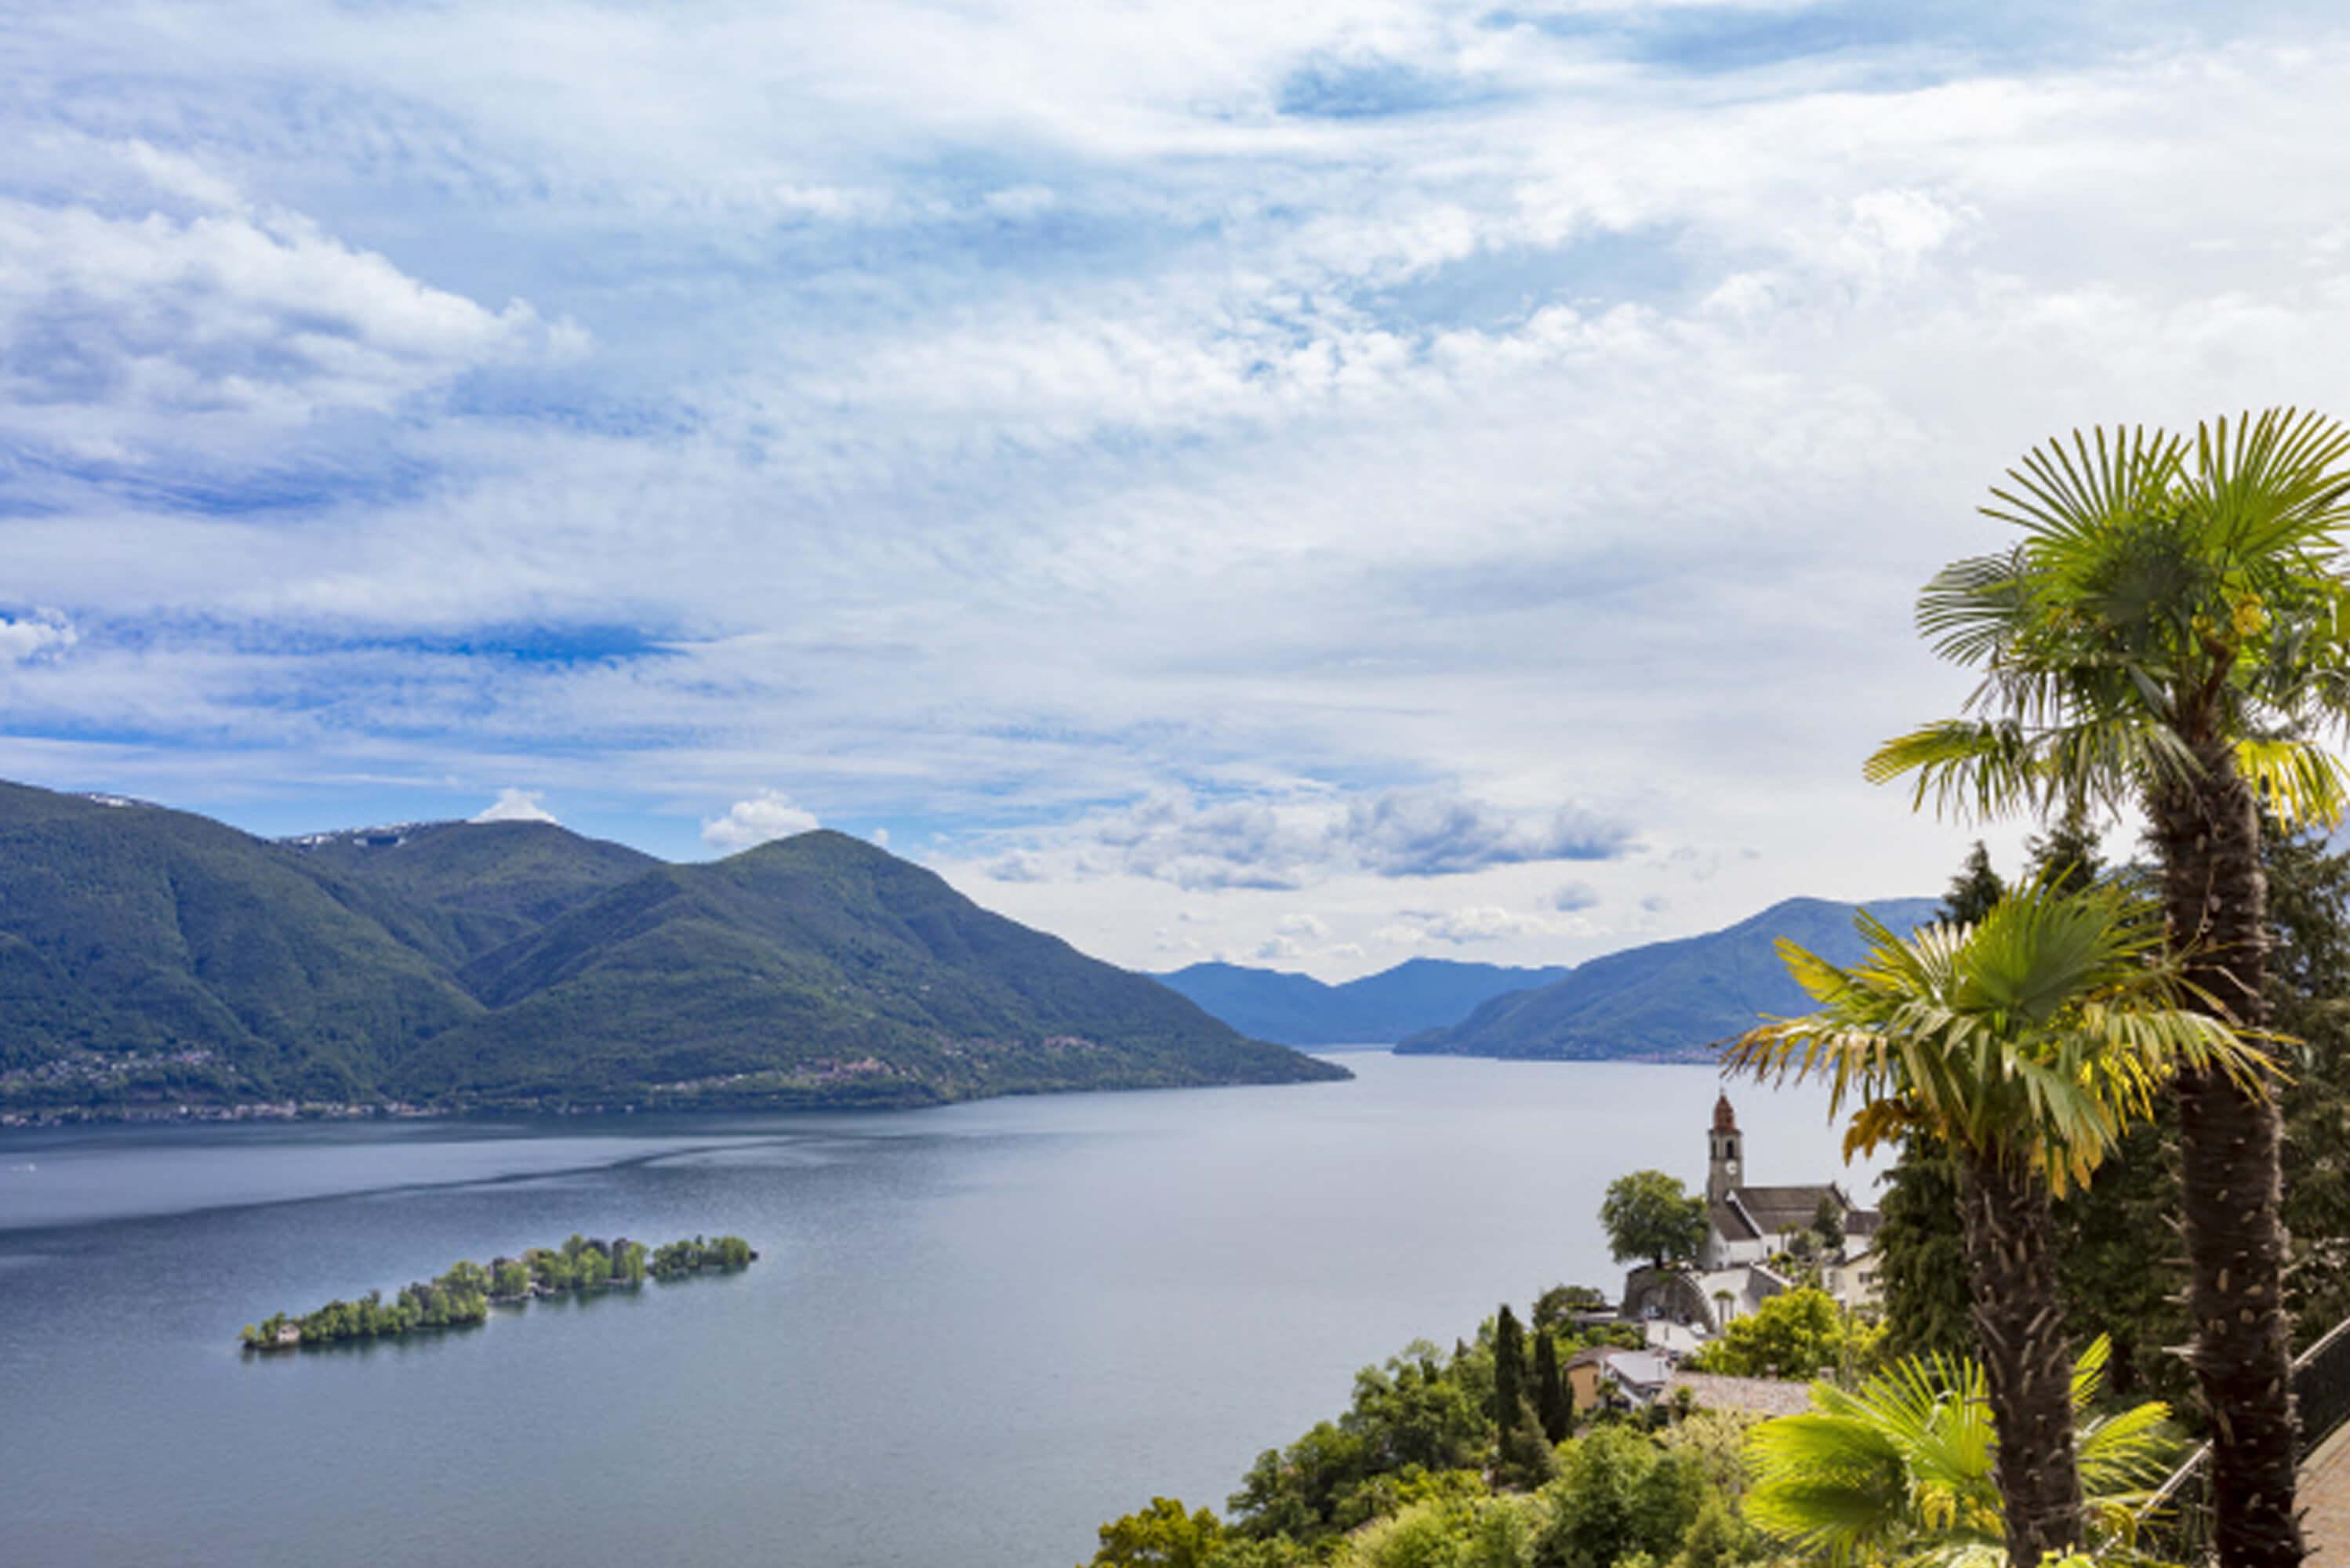 Isole-di-Brissago-da-Ronco-sopra-Ascona-(Copyright-by-Ticino-Turismo-Byline-swiss-image.chAlessio-Pizzicannella)